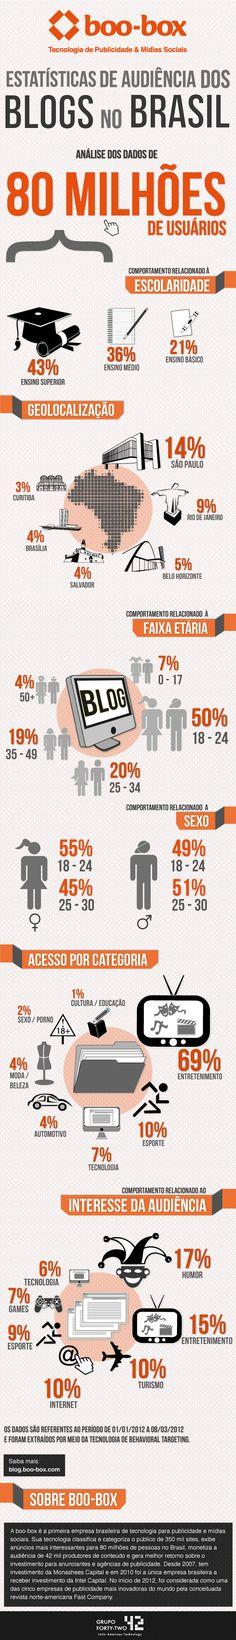 Blogs: infográfico traz estatísticas da audiência no Brasil